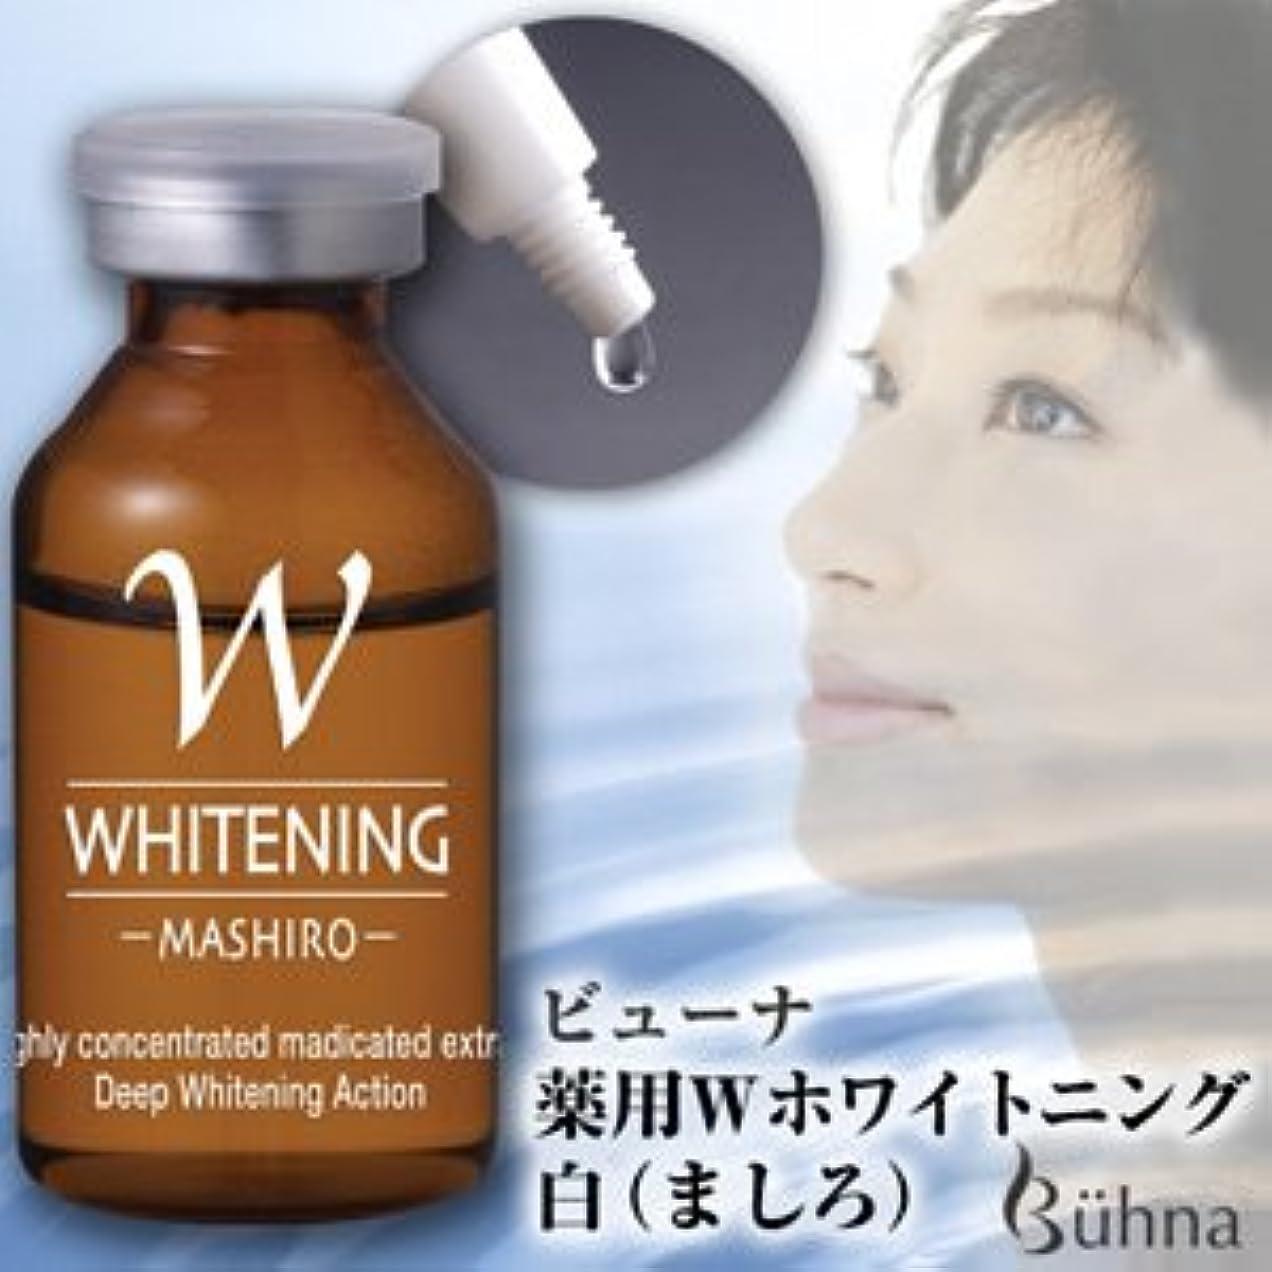 否定するレーダー蜜ビューナ 薬用Wホワイトニング 白×2個